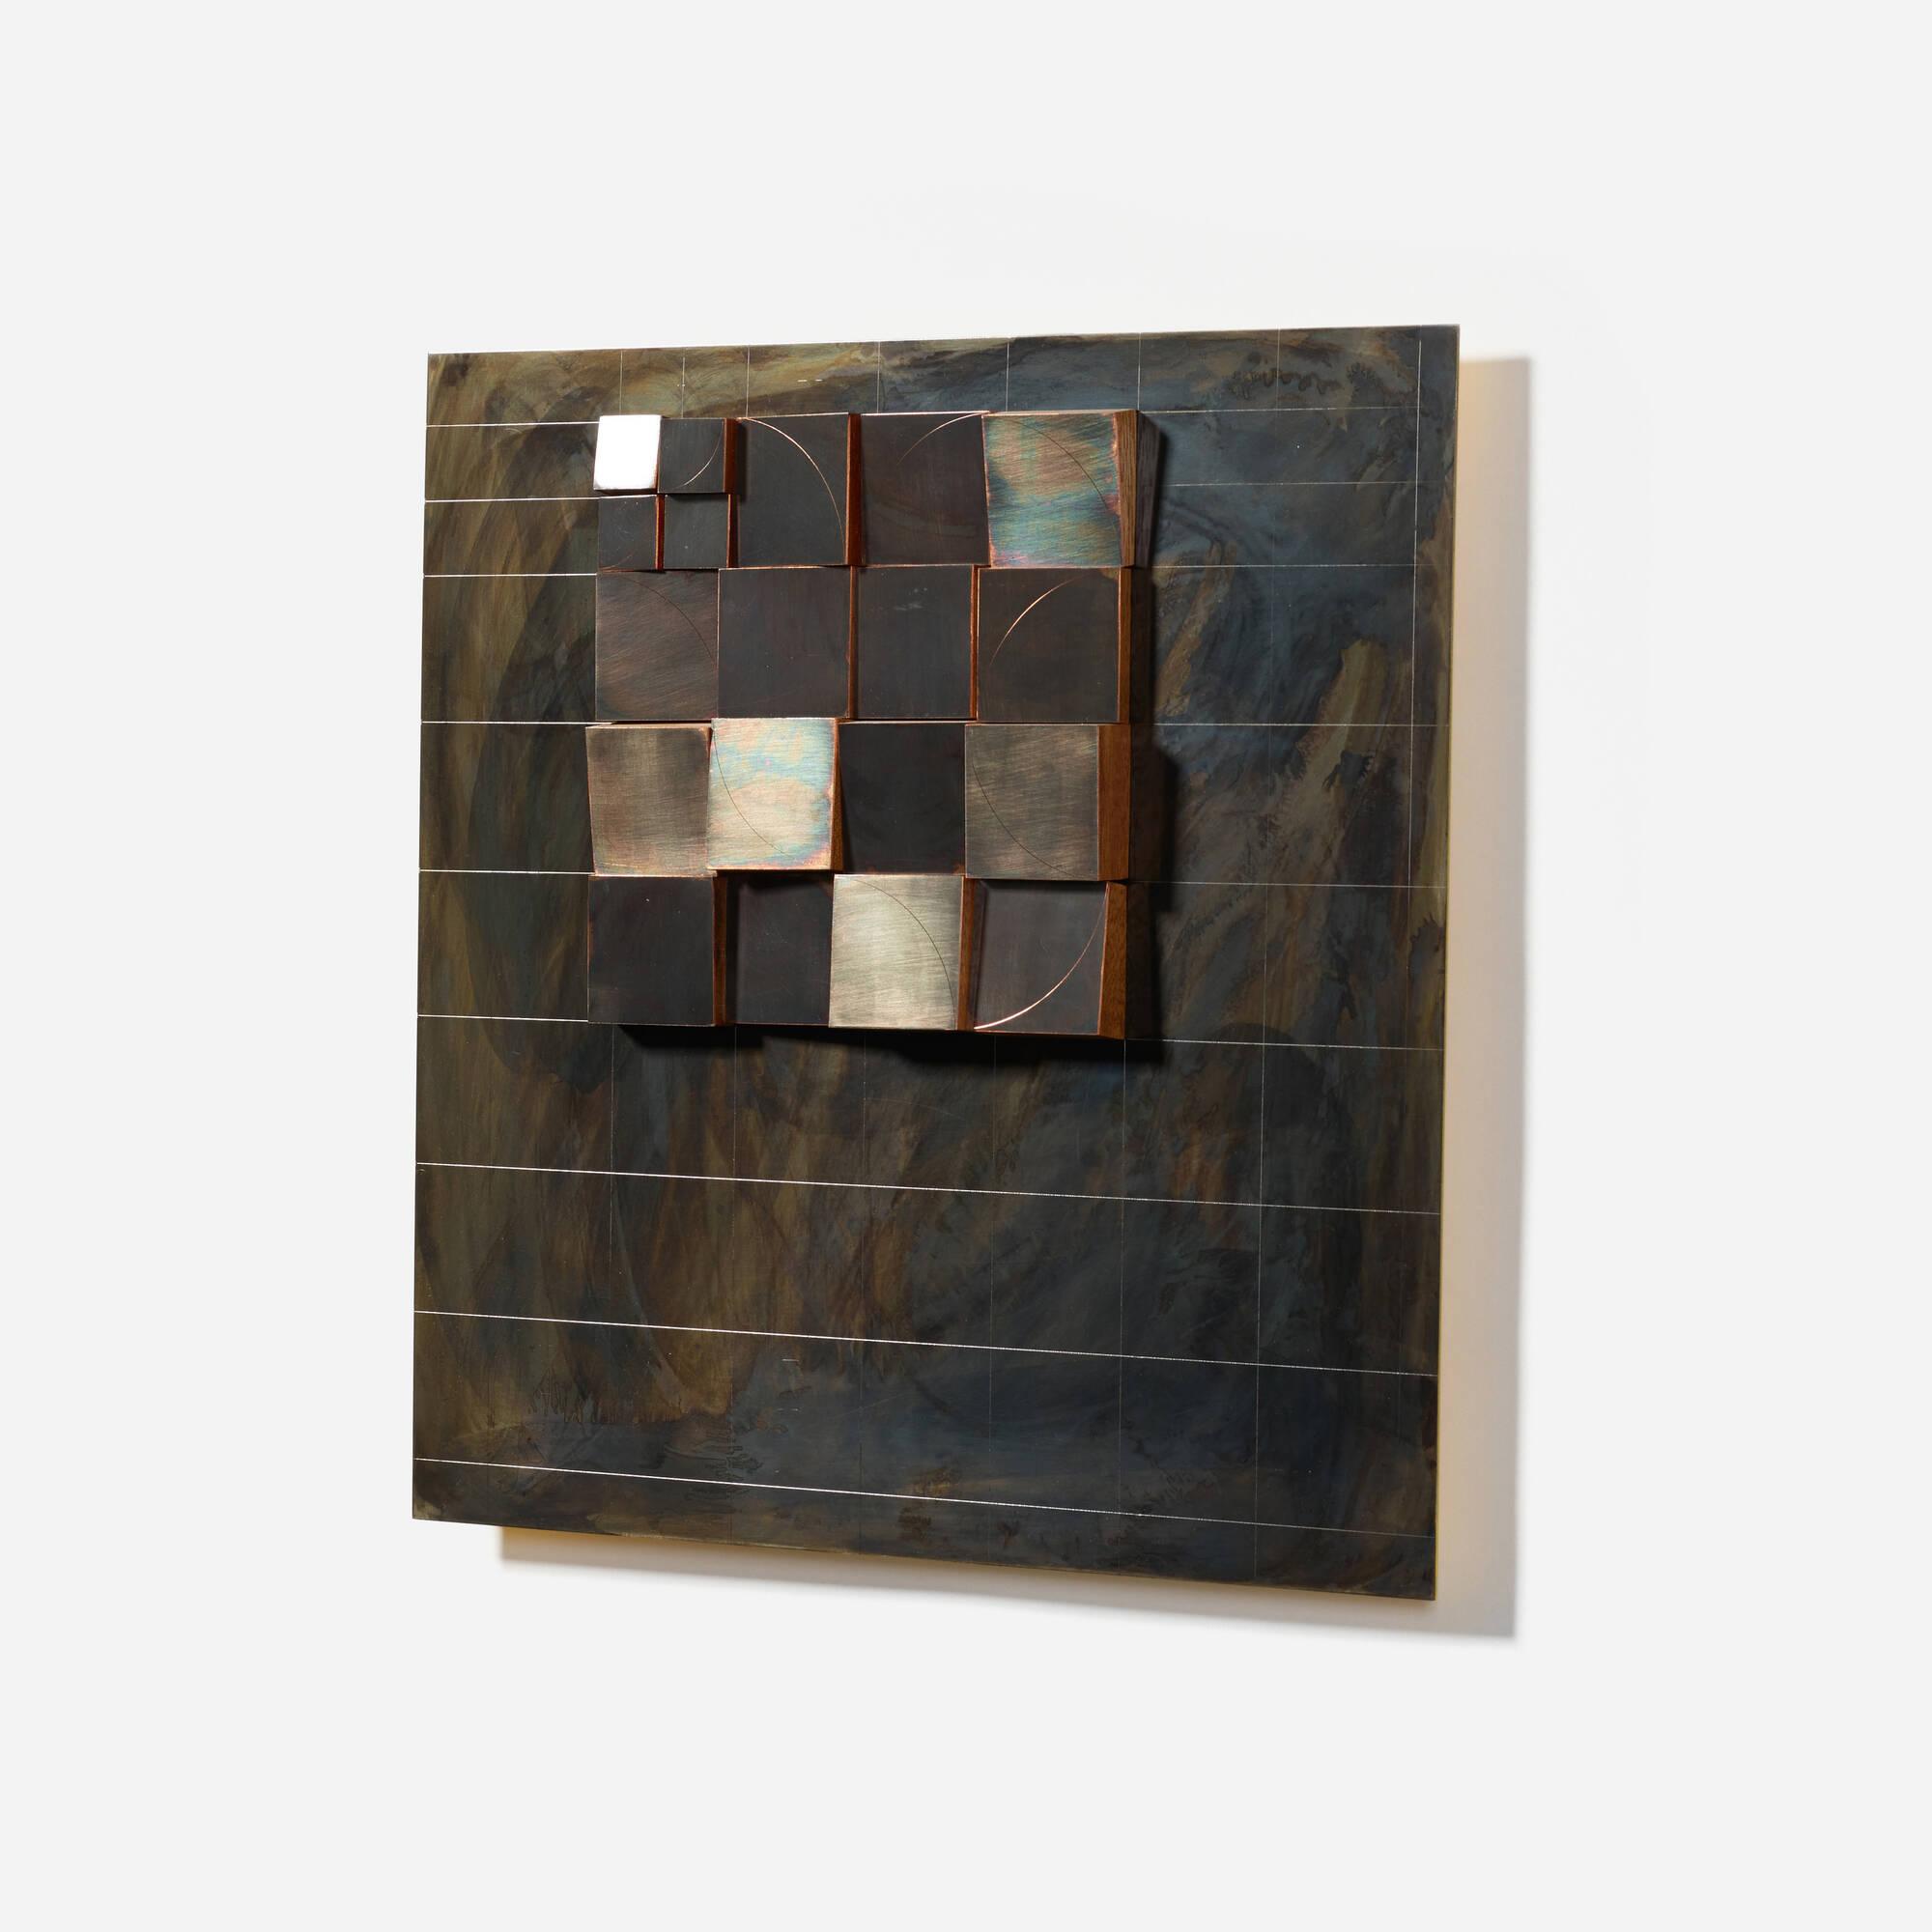 138: David Barr / Gossamer No. 3 (2 of 3)